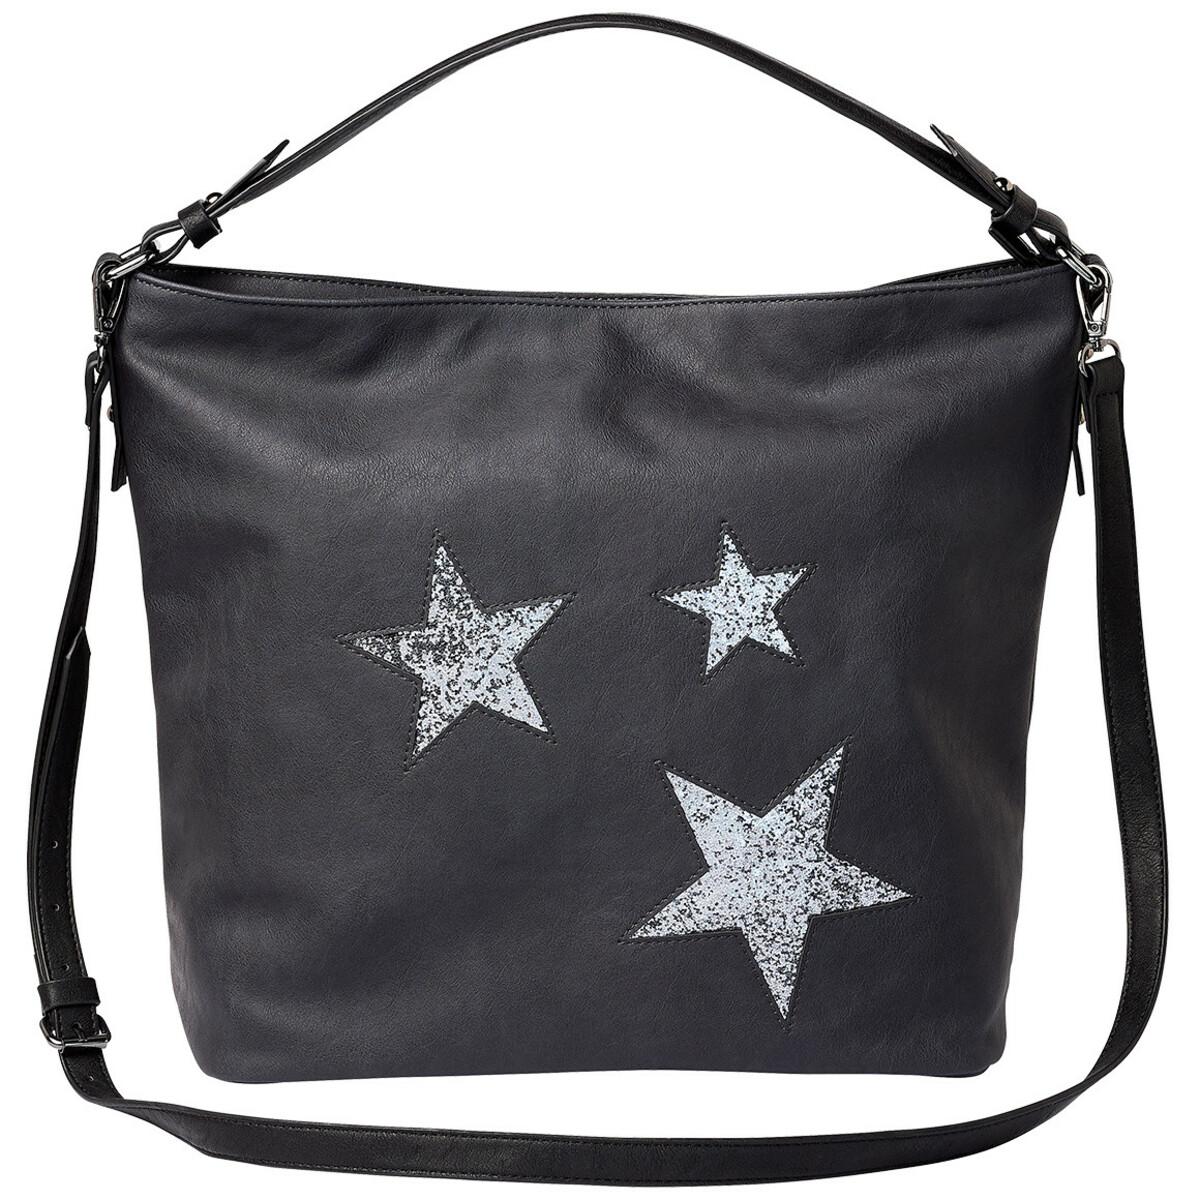 Bild 1 von Damen Tasche mit Stern-Applikation